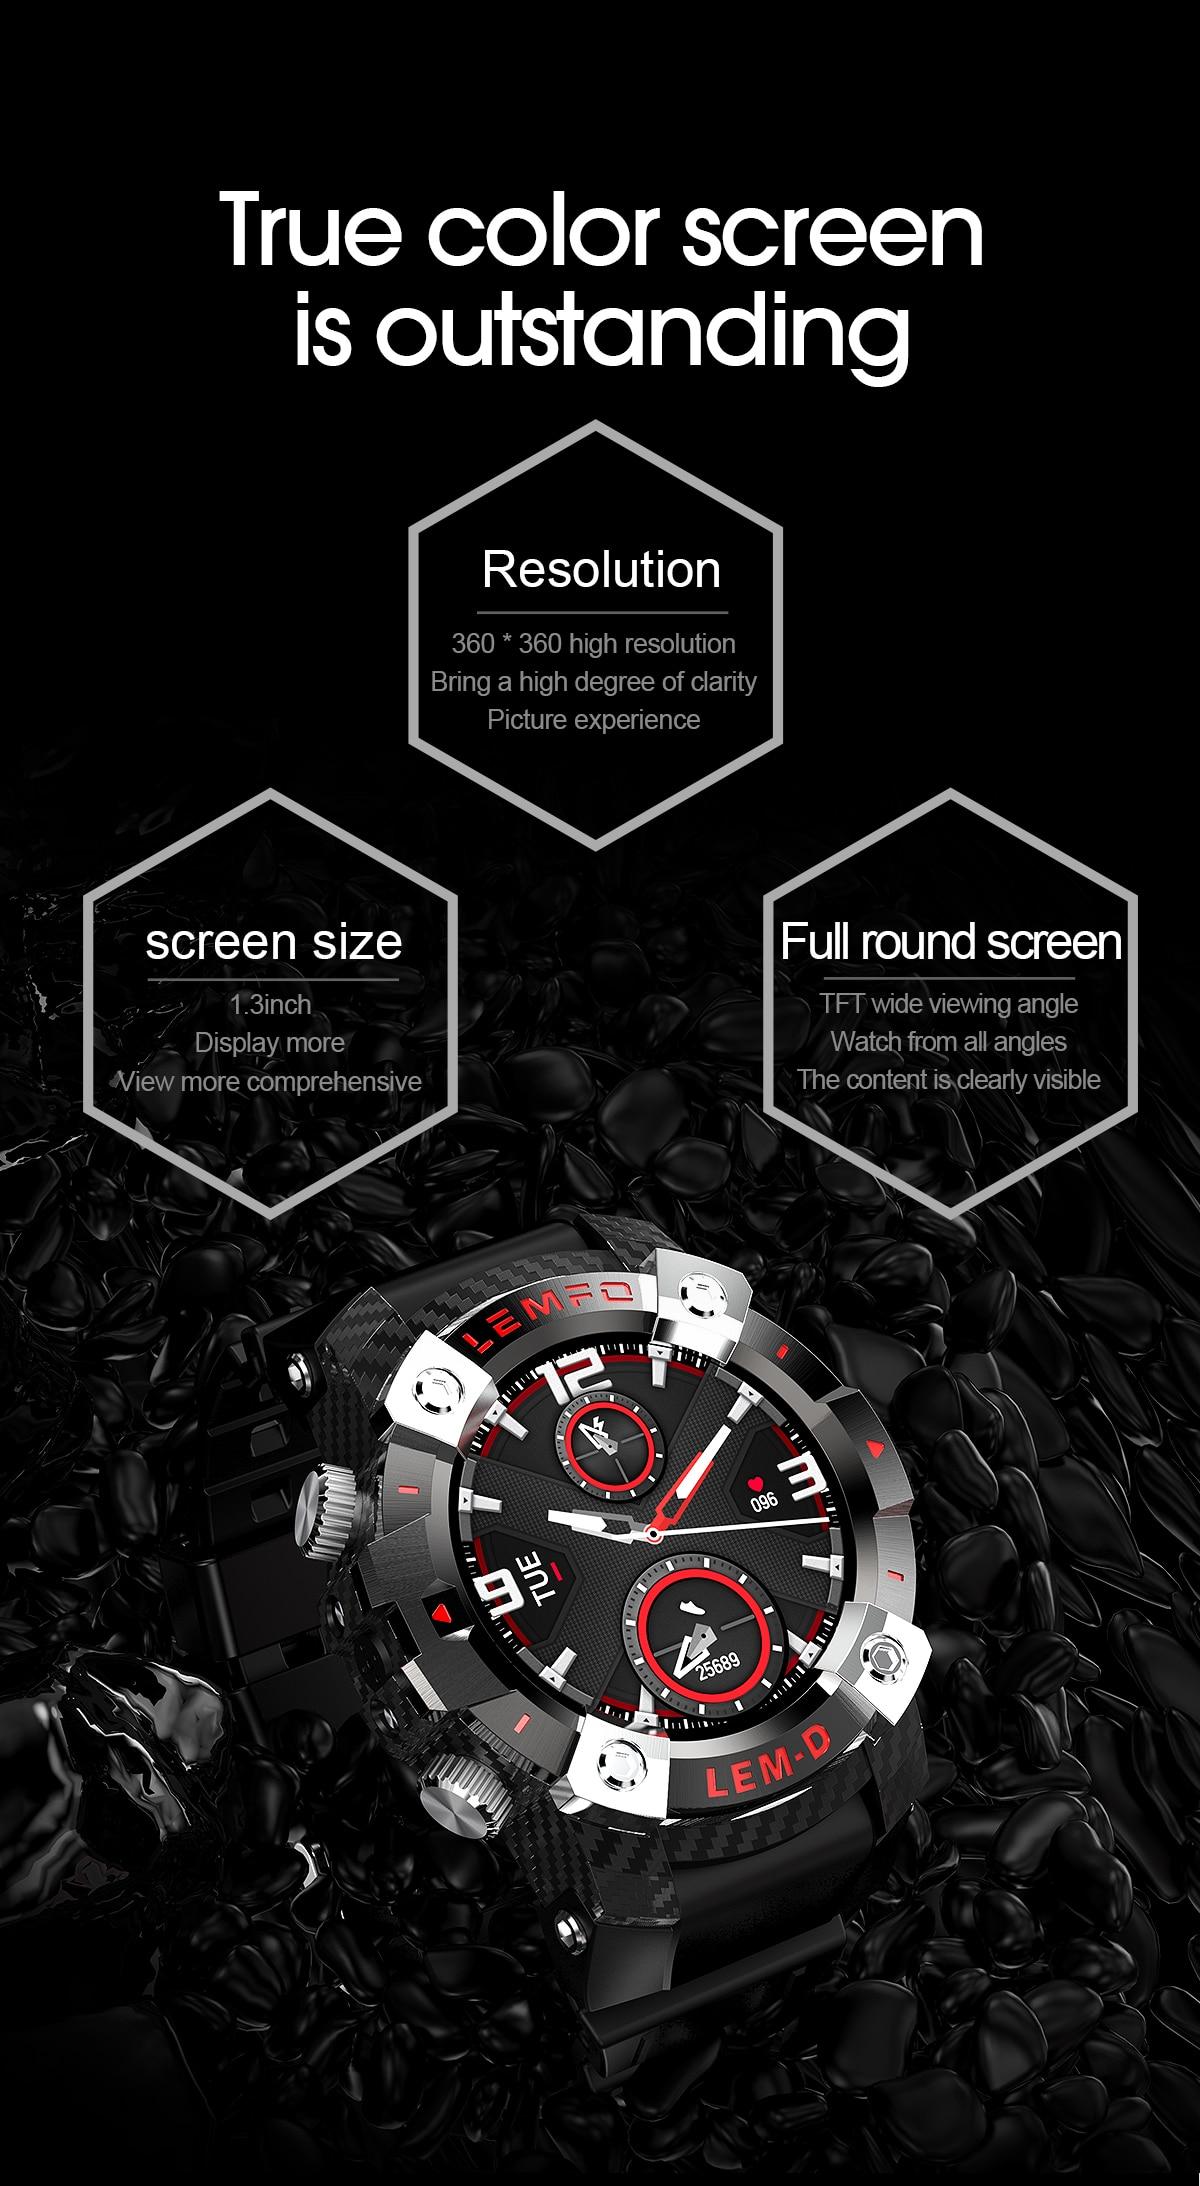 Hd6b40a11d2f14bb39e8563ae195bc6e1L LEMFO LEMD Smart Watch Wireless Bluetooth 5.0 Earphone 2 In 1